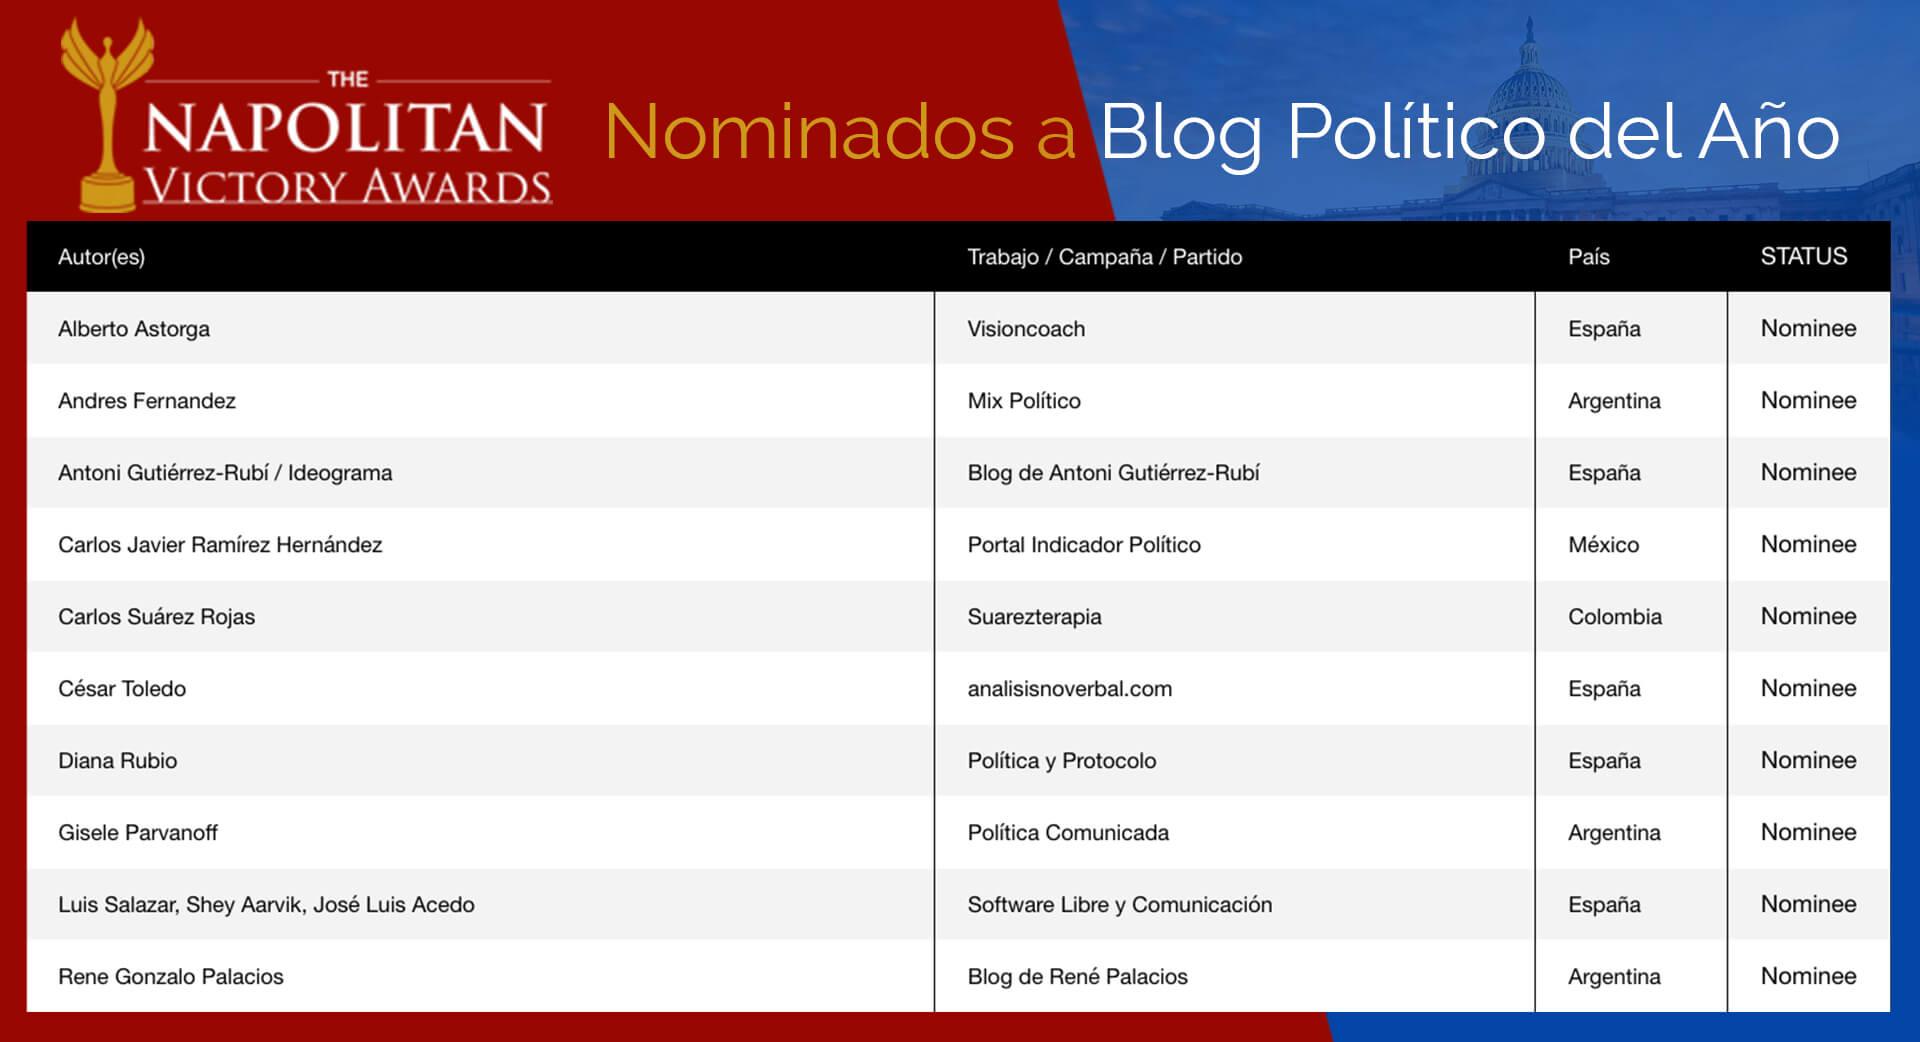 Nominados a blog político del año